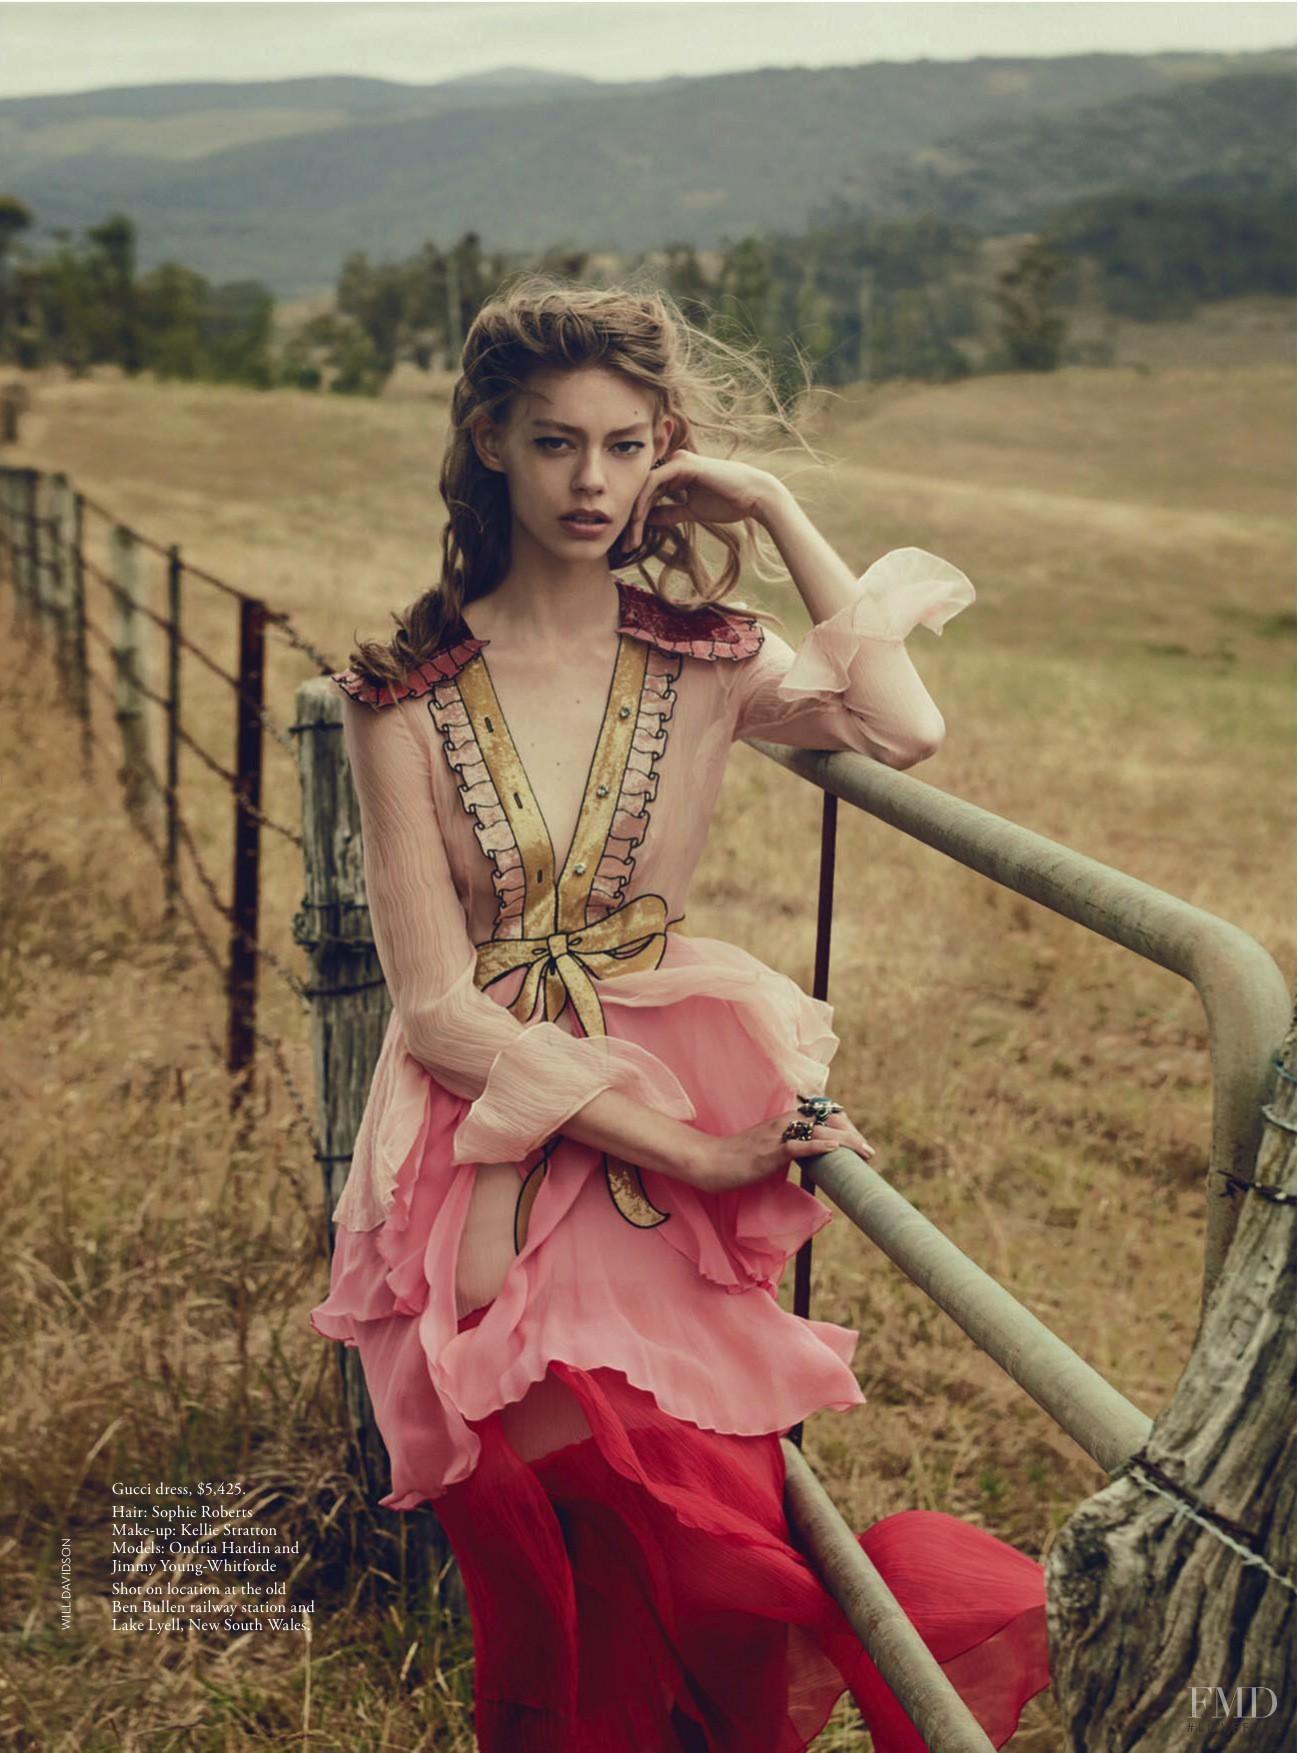 Fashion magazine internships australia 62